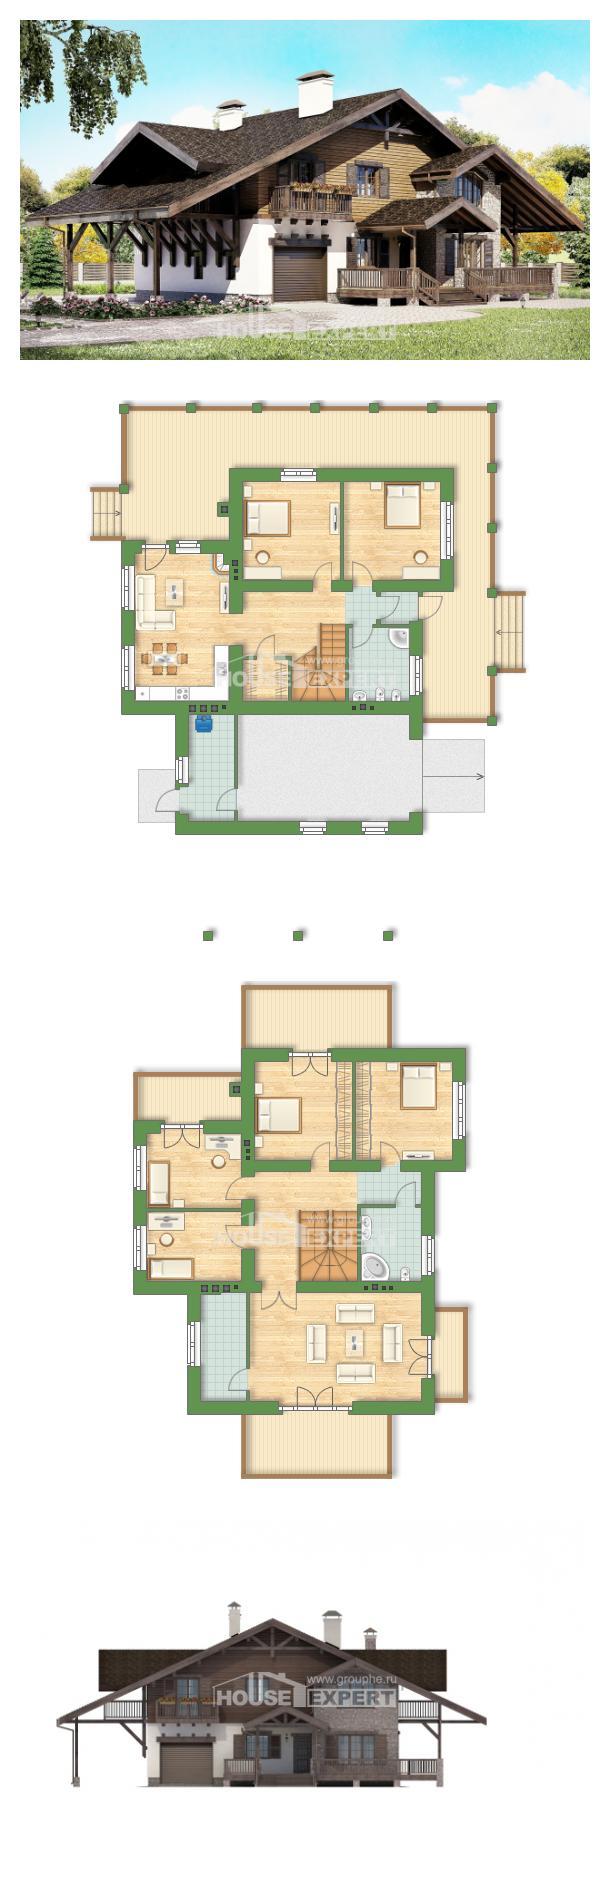 Plan 270-001-L | House Expert